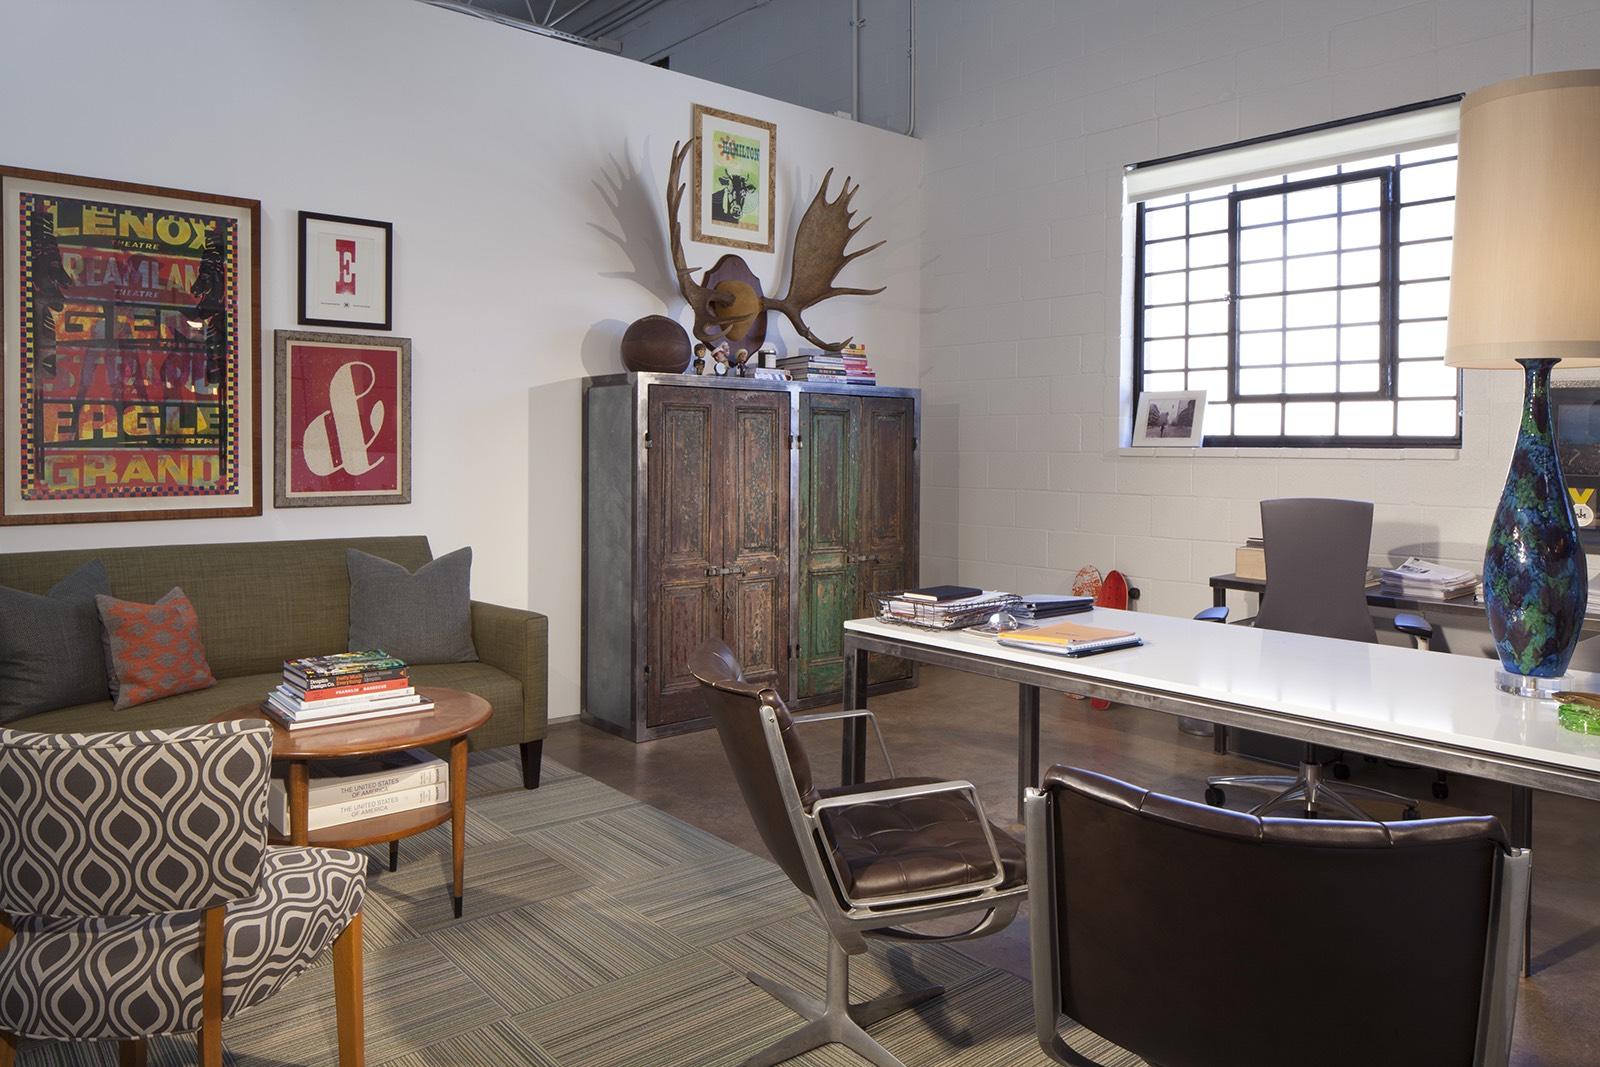 greenligth-office-3